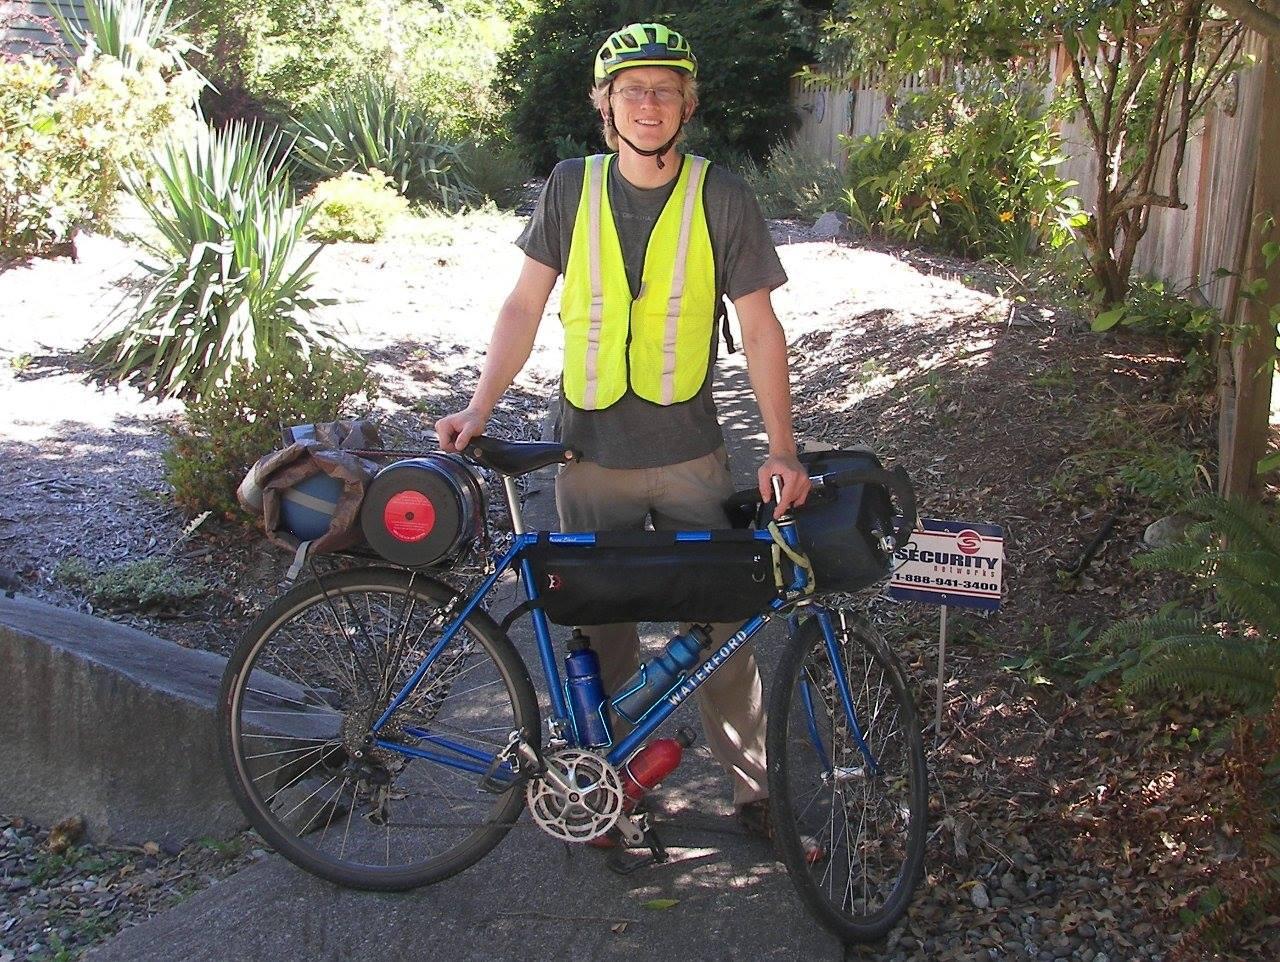 Yatsko and bike